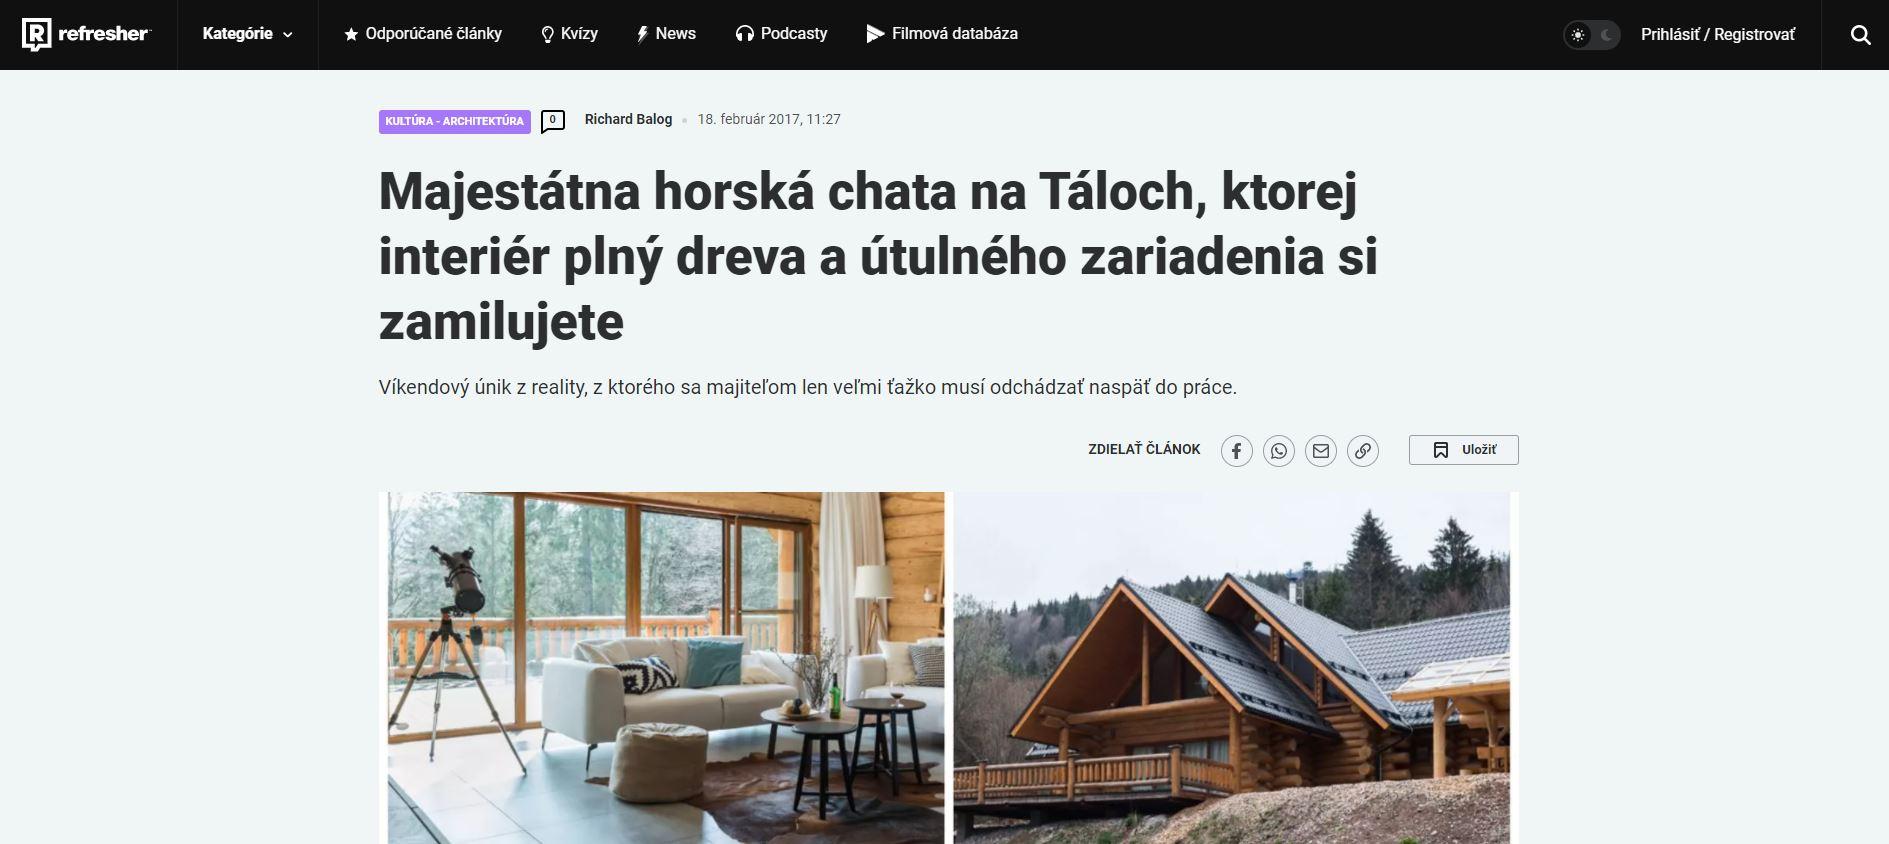 majestatna-horska-chata-refresher-2017-pavlech-architekti